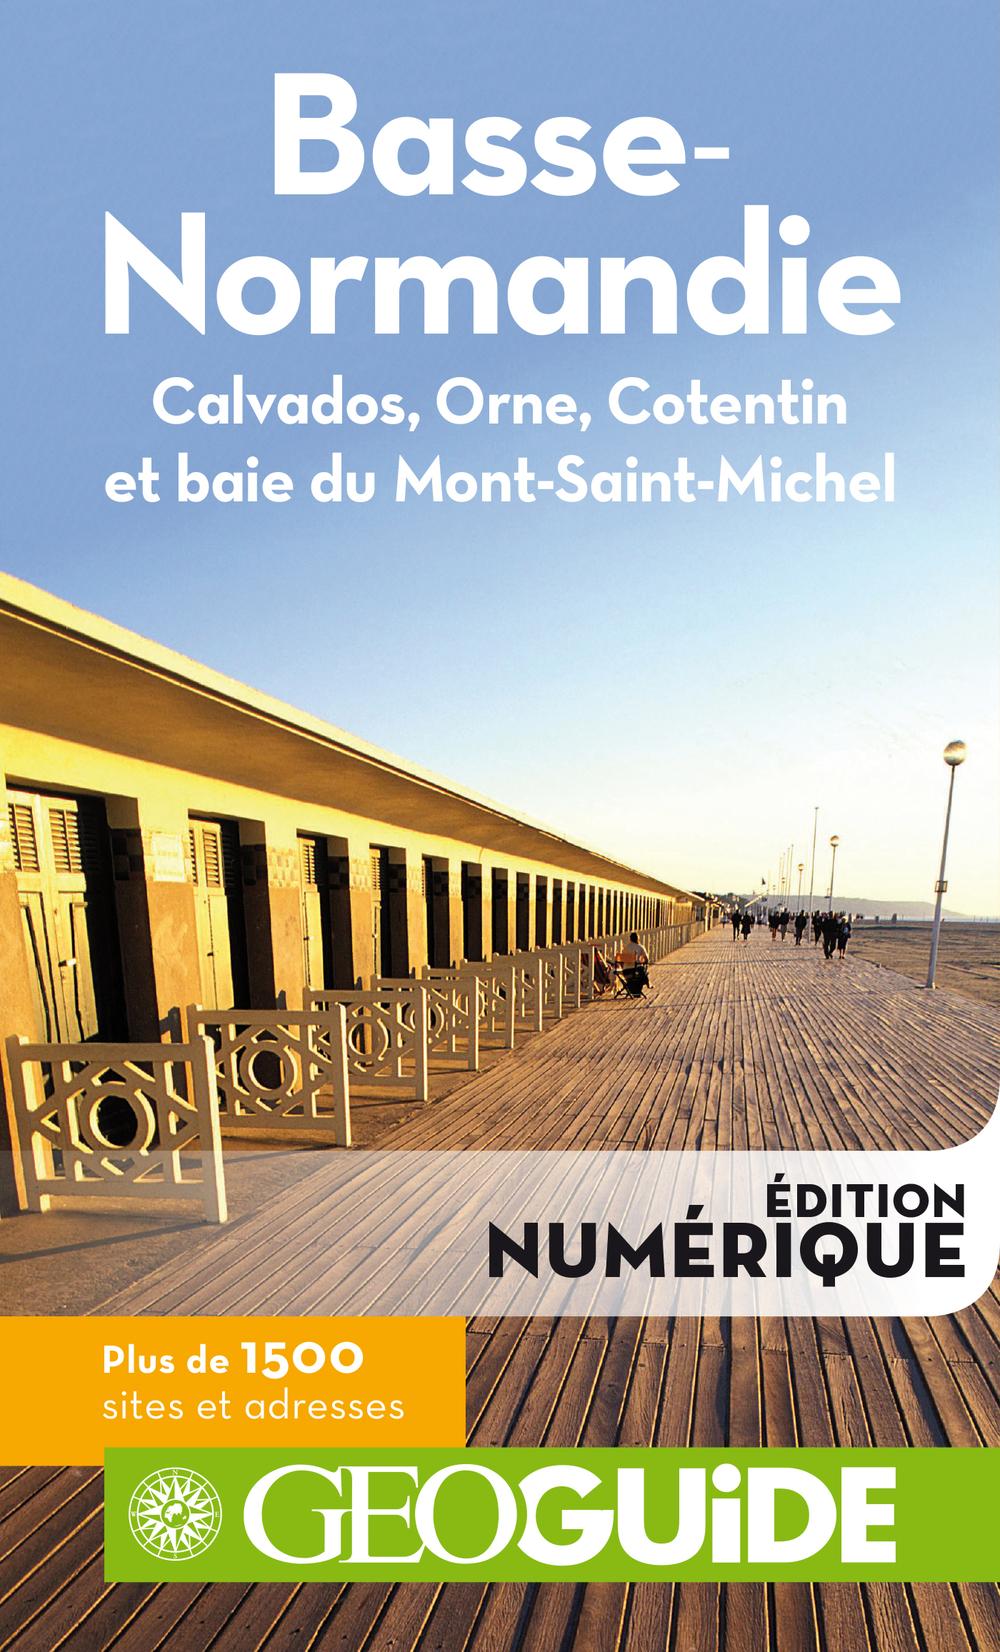 GEOguide Basse-Normandie. Calvados, Orne, Cotentin et baie du Mont-Saint-Michel |